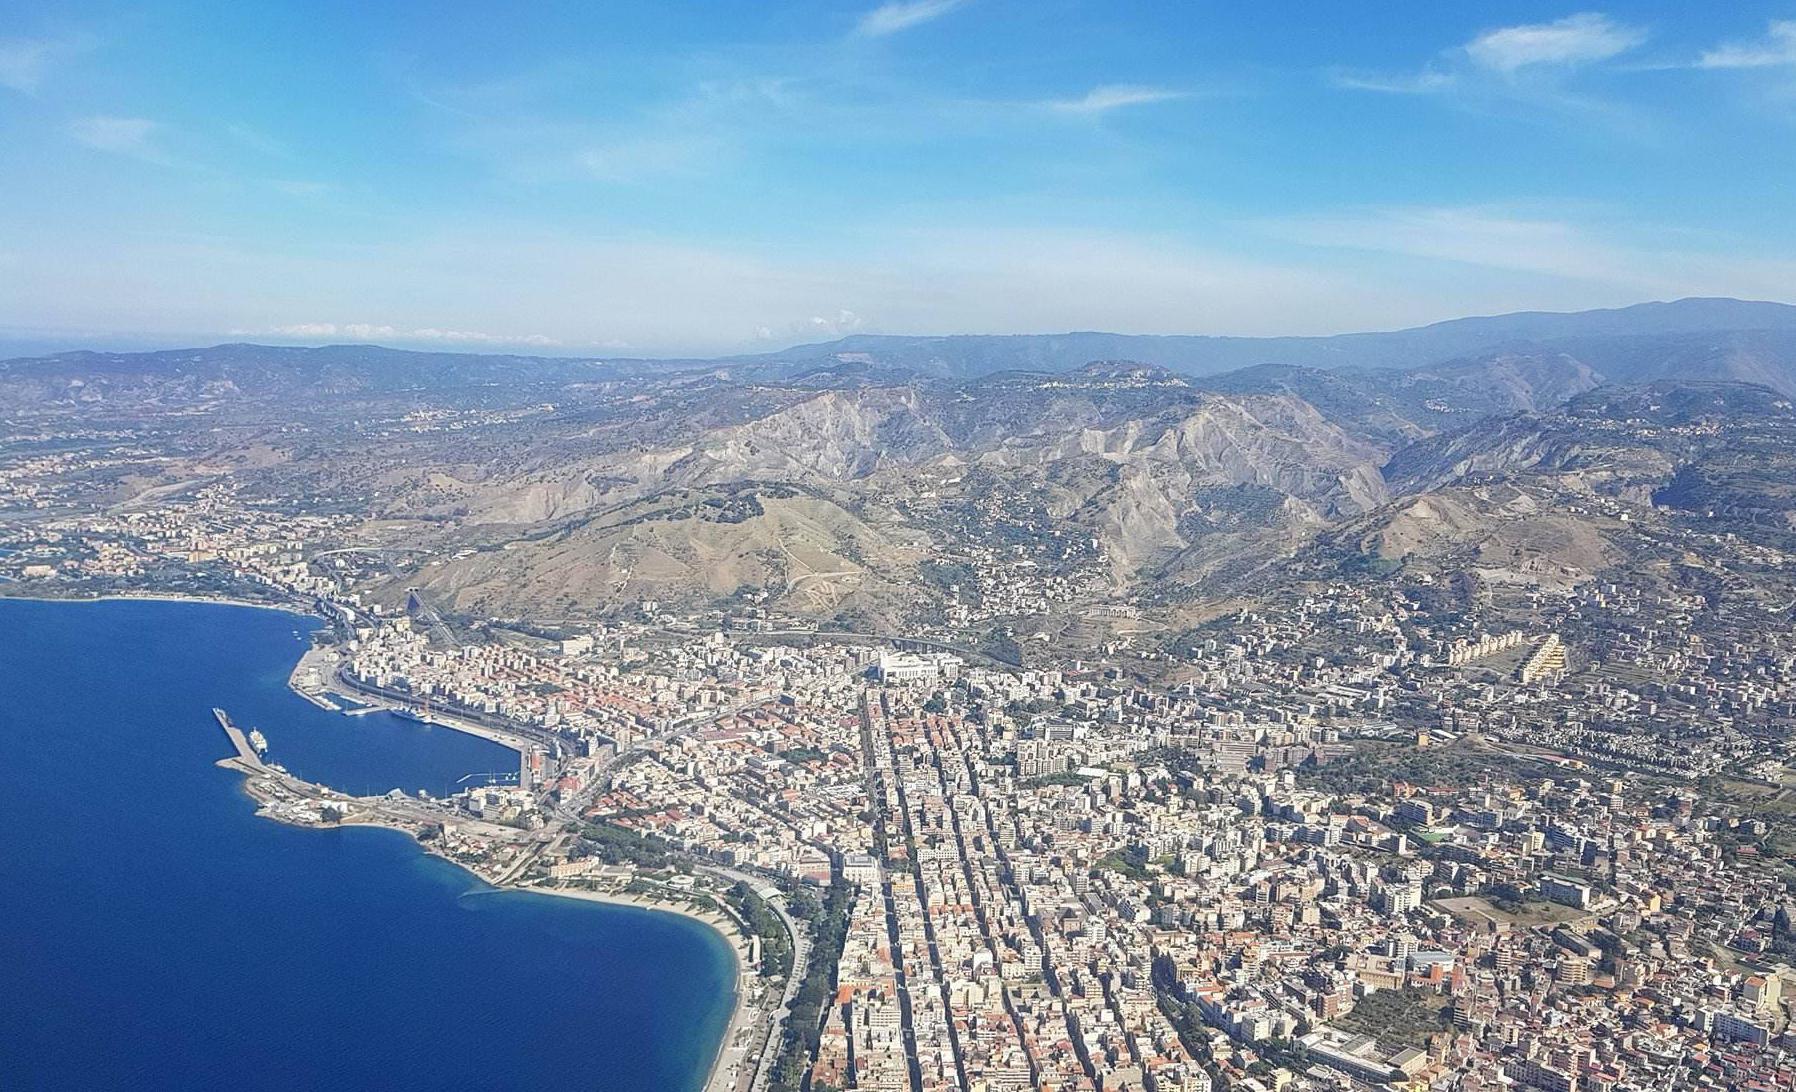 Città di Reggio Calabria